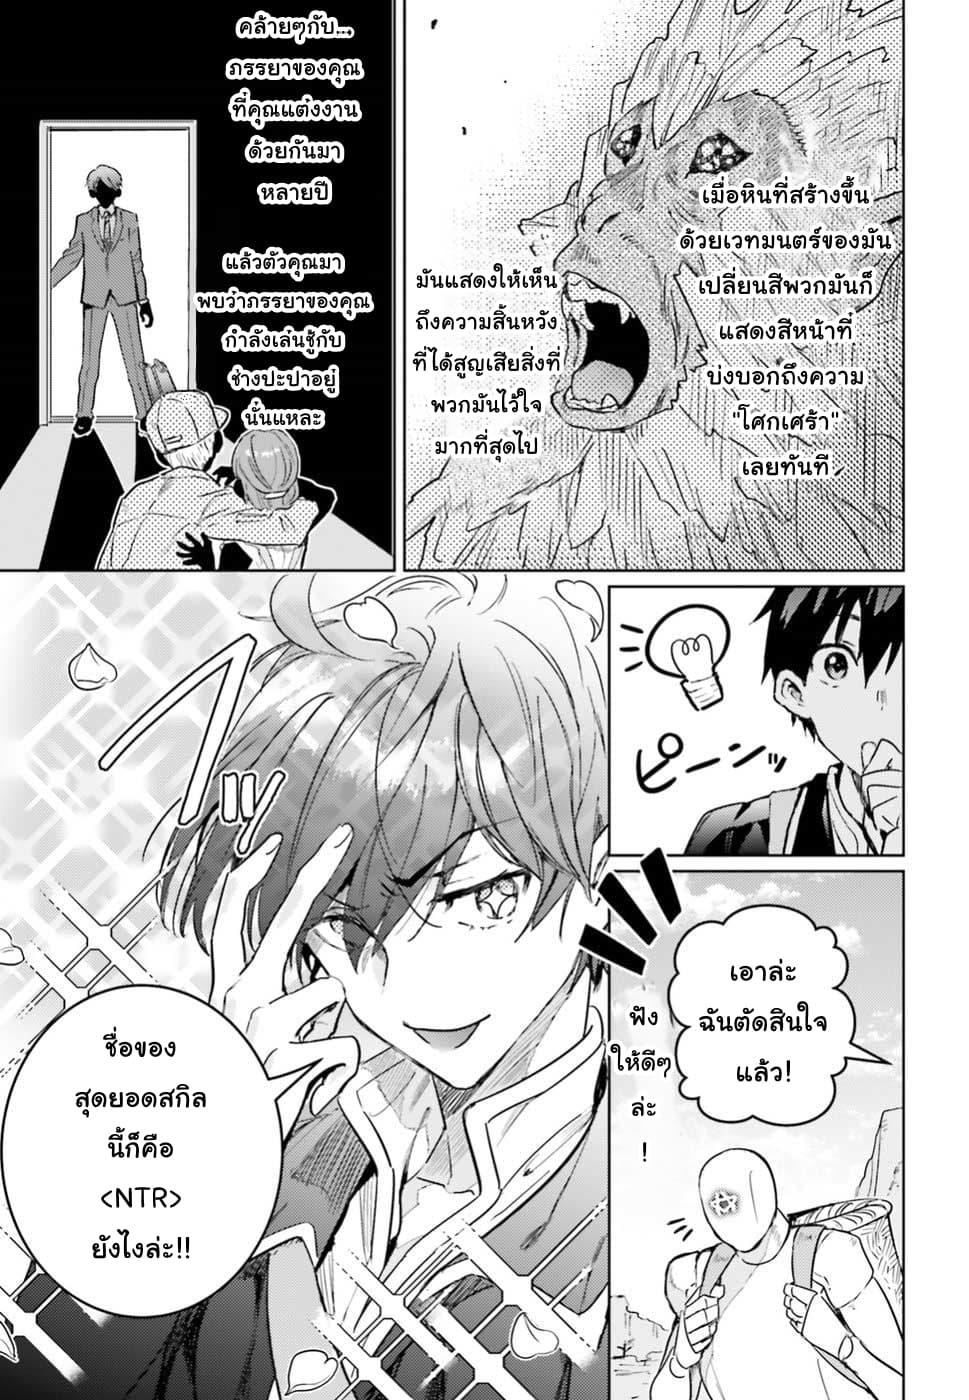 อ่านการ์ตูน Hametsu no Madou Ou to Golem no Ban Kisaki ตอนที่ 5 หน้าที่ 20